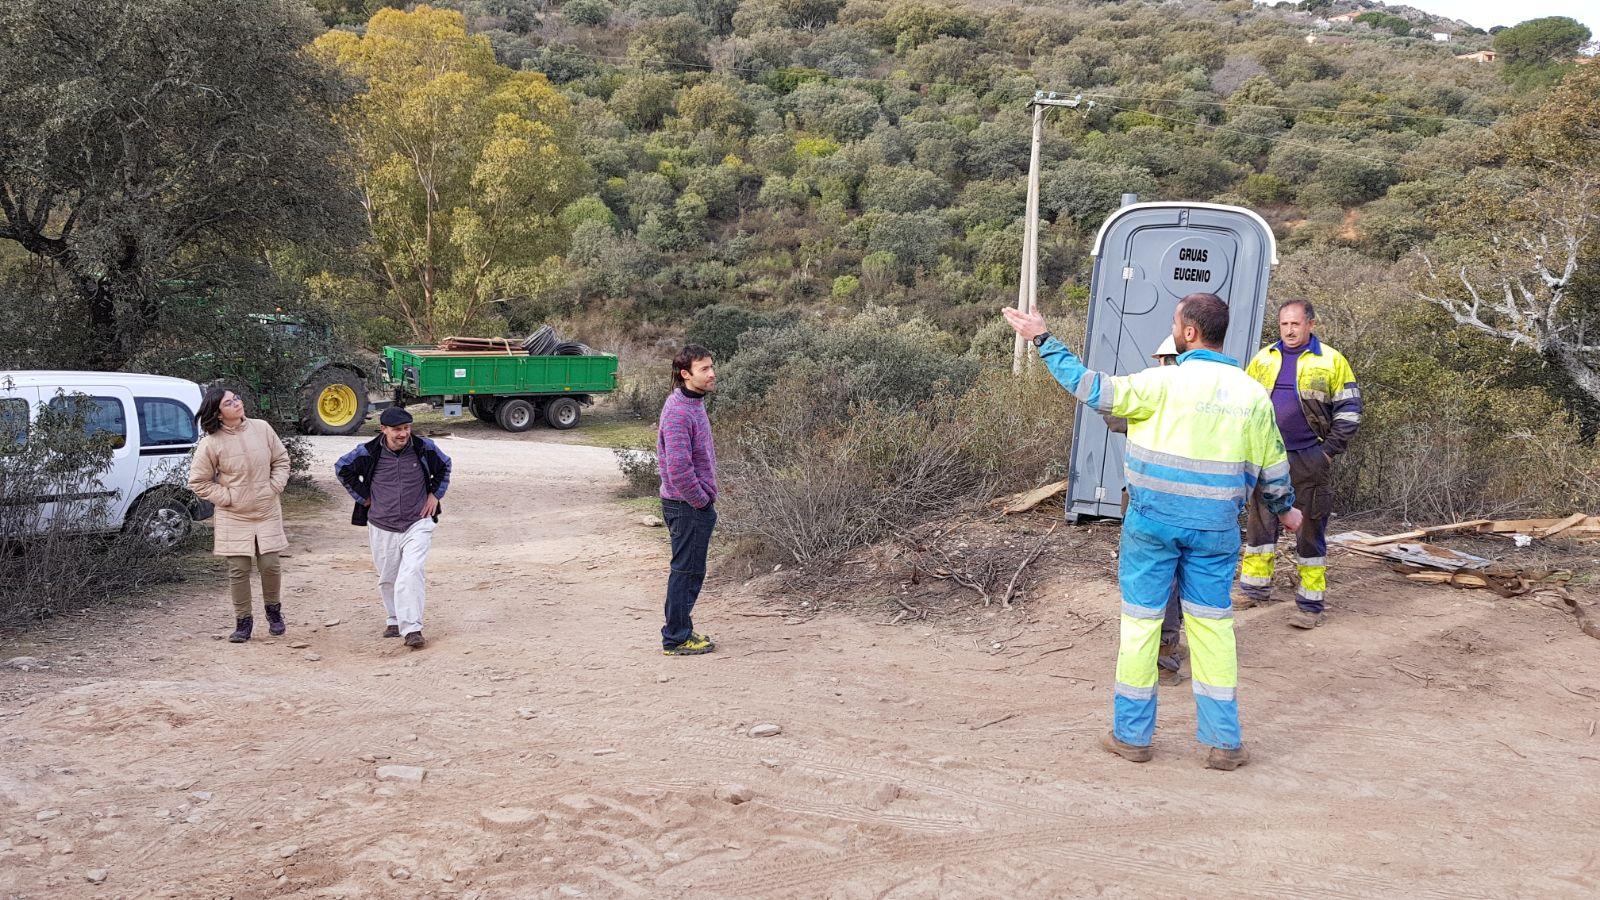 La Plataforma critica la «falta de diligencia» del Ayuntamiento de Cáceres para parar los trabajos en Valdeflores